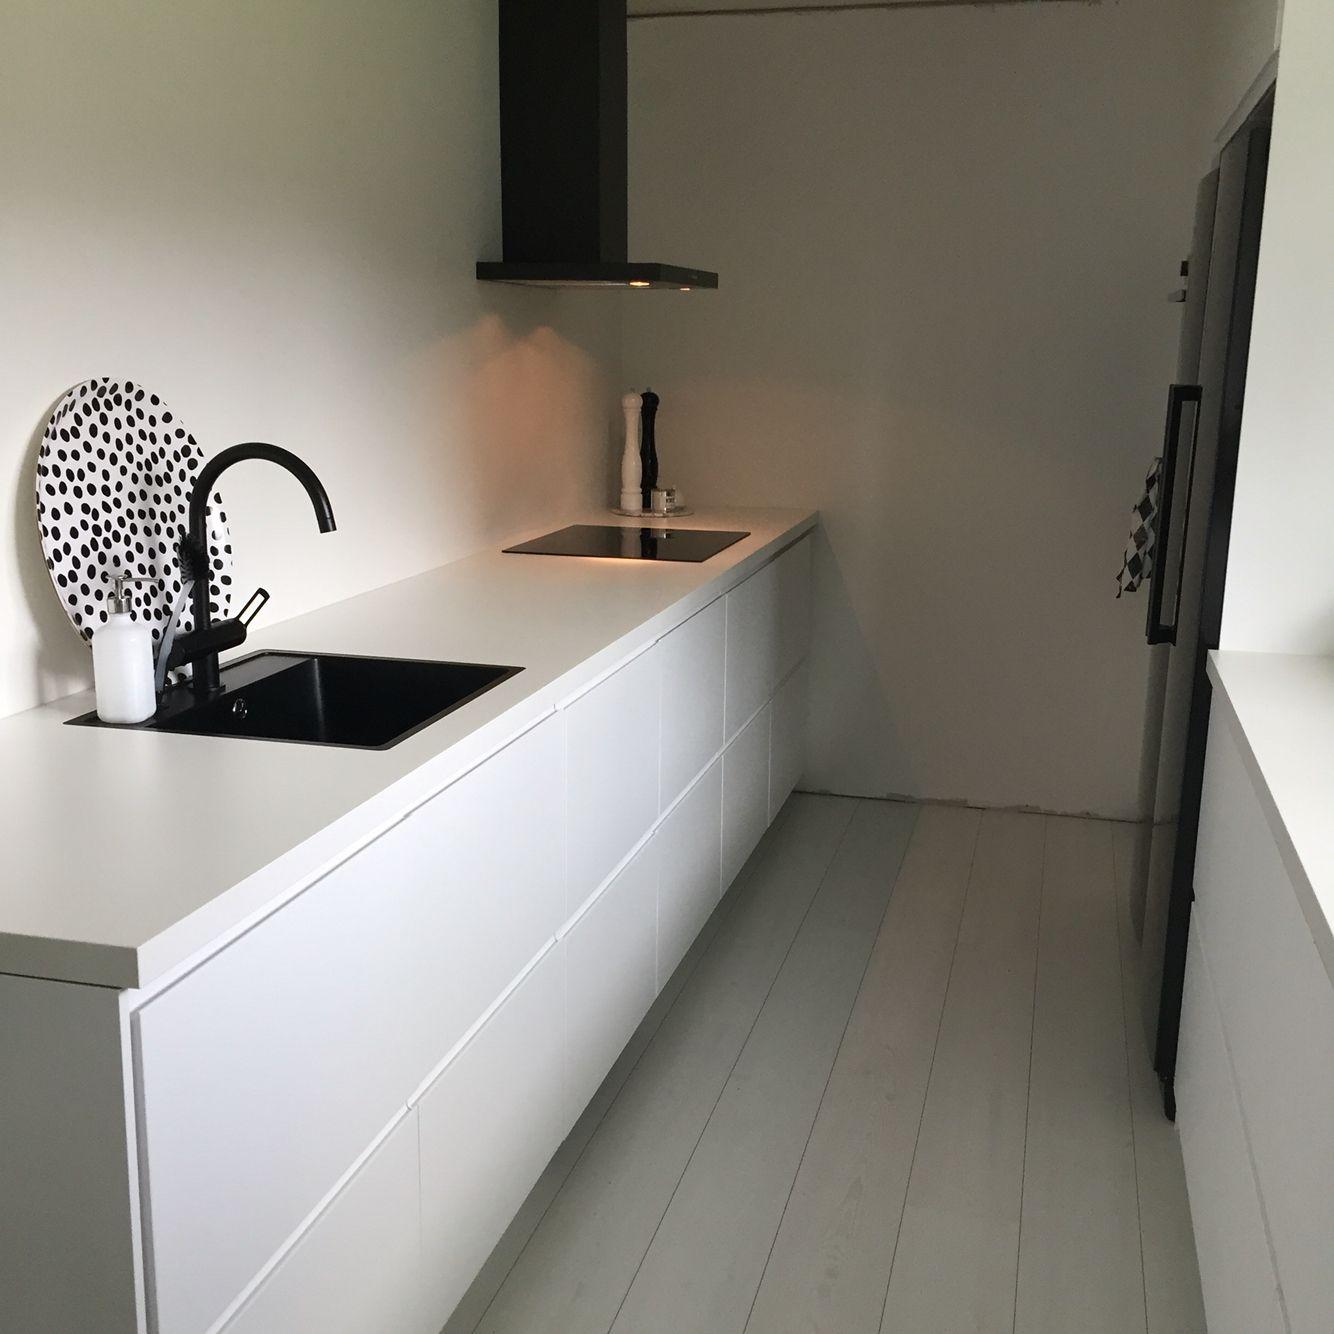 Ikea voxtorp   Ikea küche, Moderne küche, Küchen ideen weiß